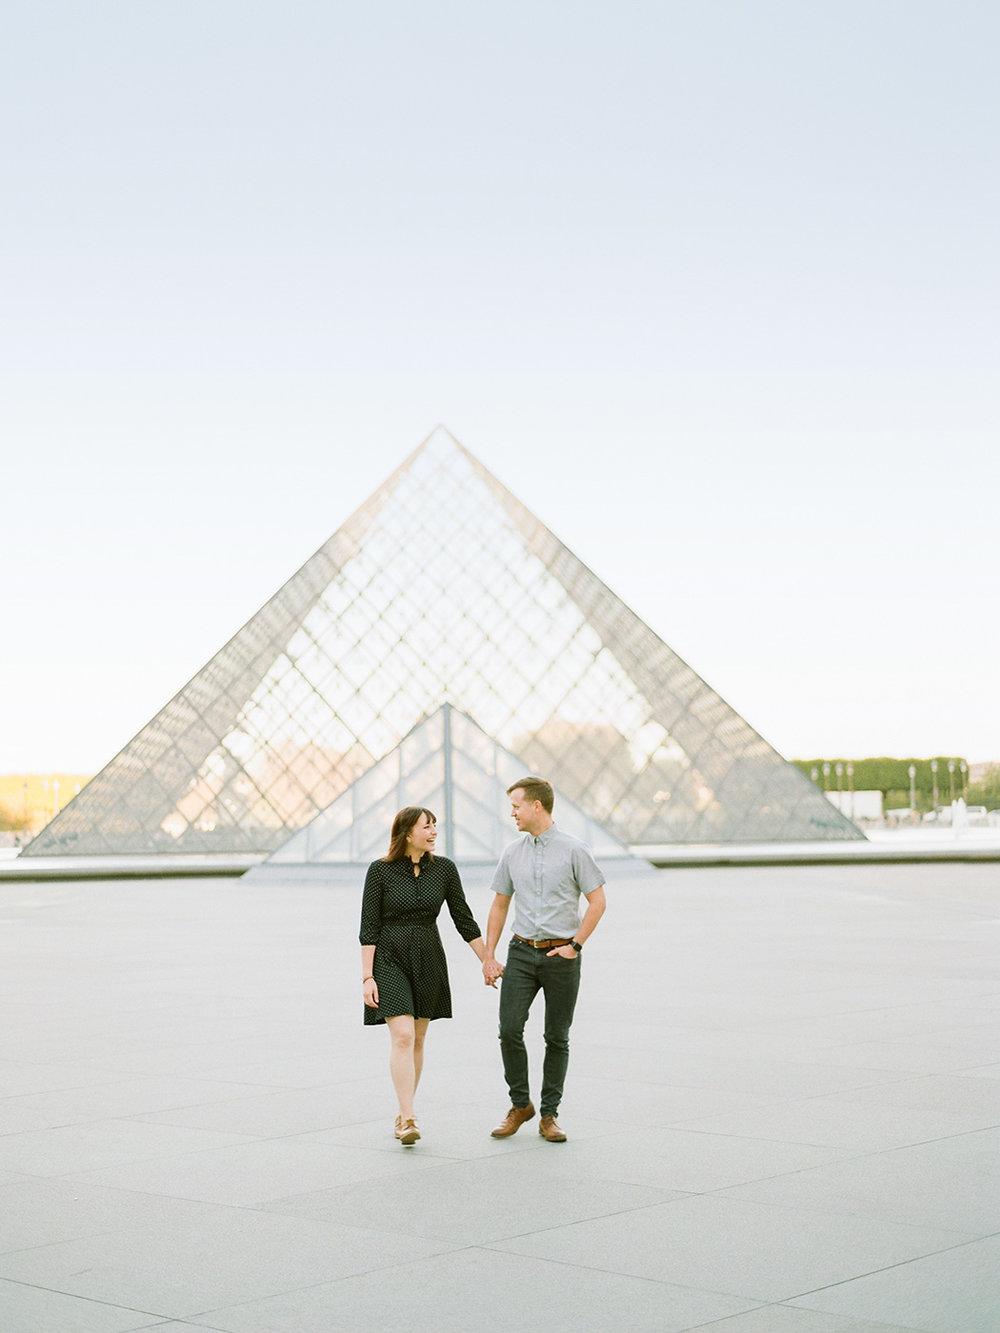 The Louvre Paris Couple | Rensche Mari